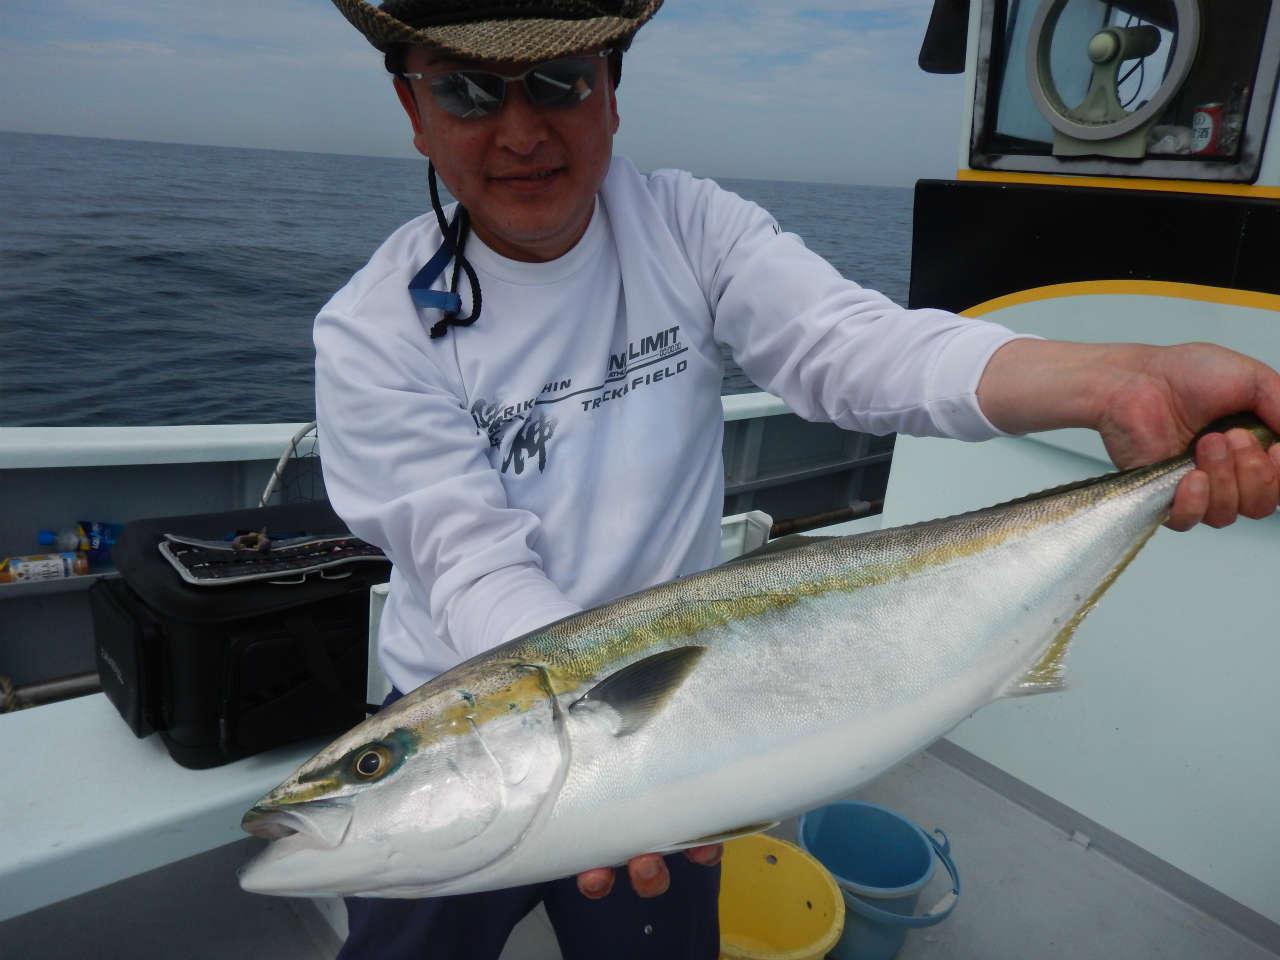 20210524 ワラサ4.3-4.7キロ ルアー・ジギング船魚拓号